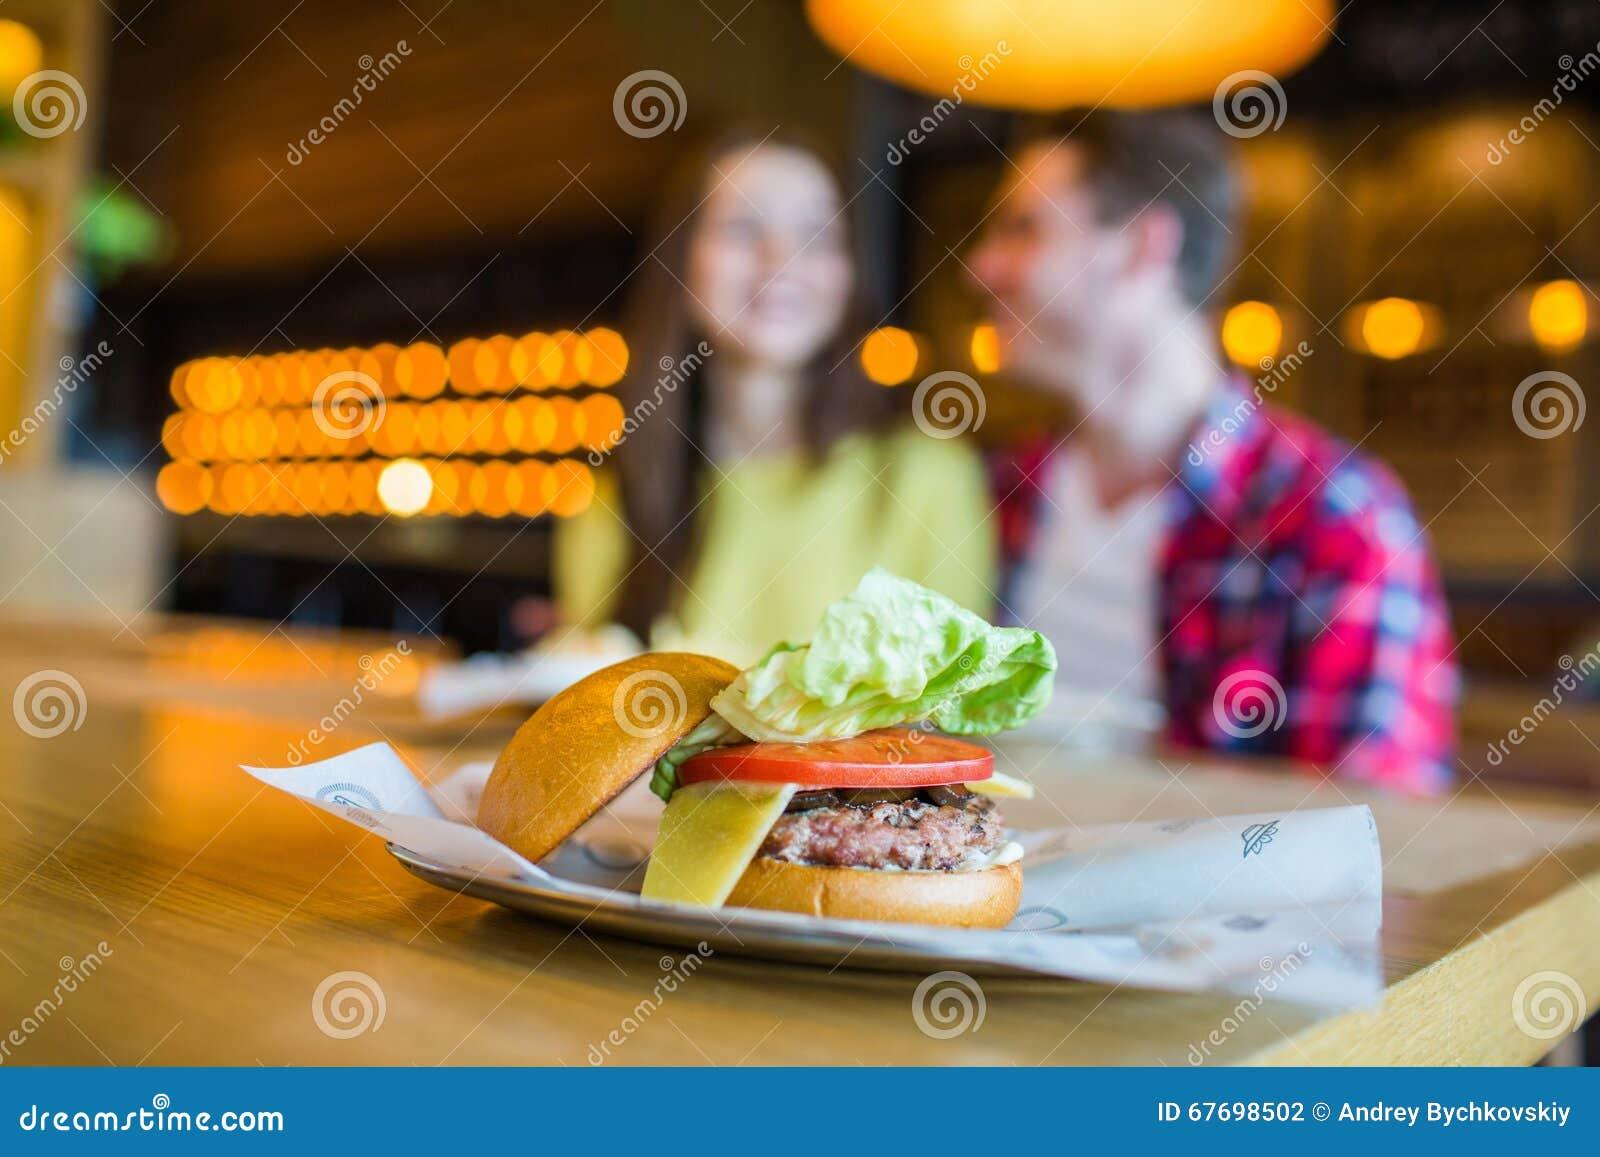 Verbinden Sie Mann und Frau - Essen des Hamburgers und Trinken in einem Schnellimbissrestaurant; konzentrieren Sie sich auf die M